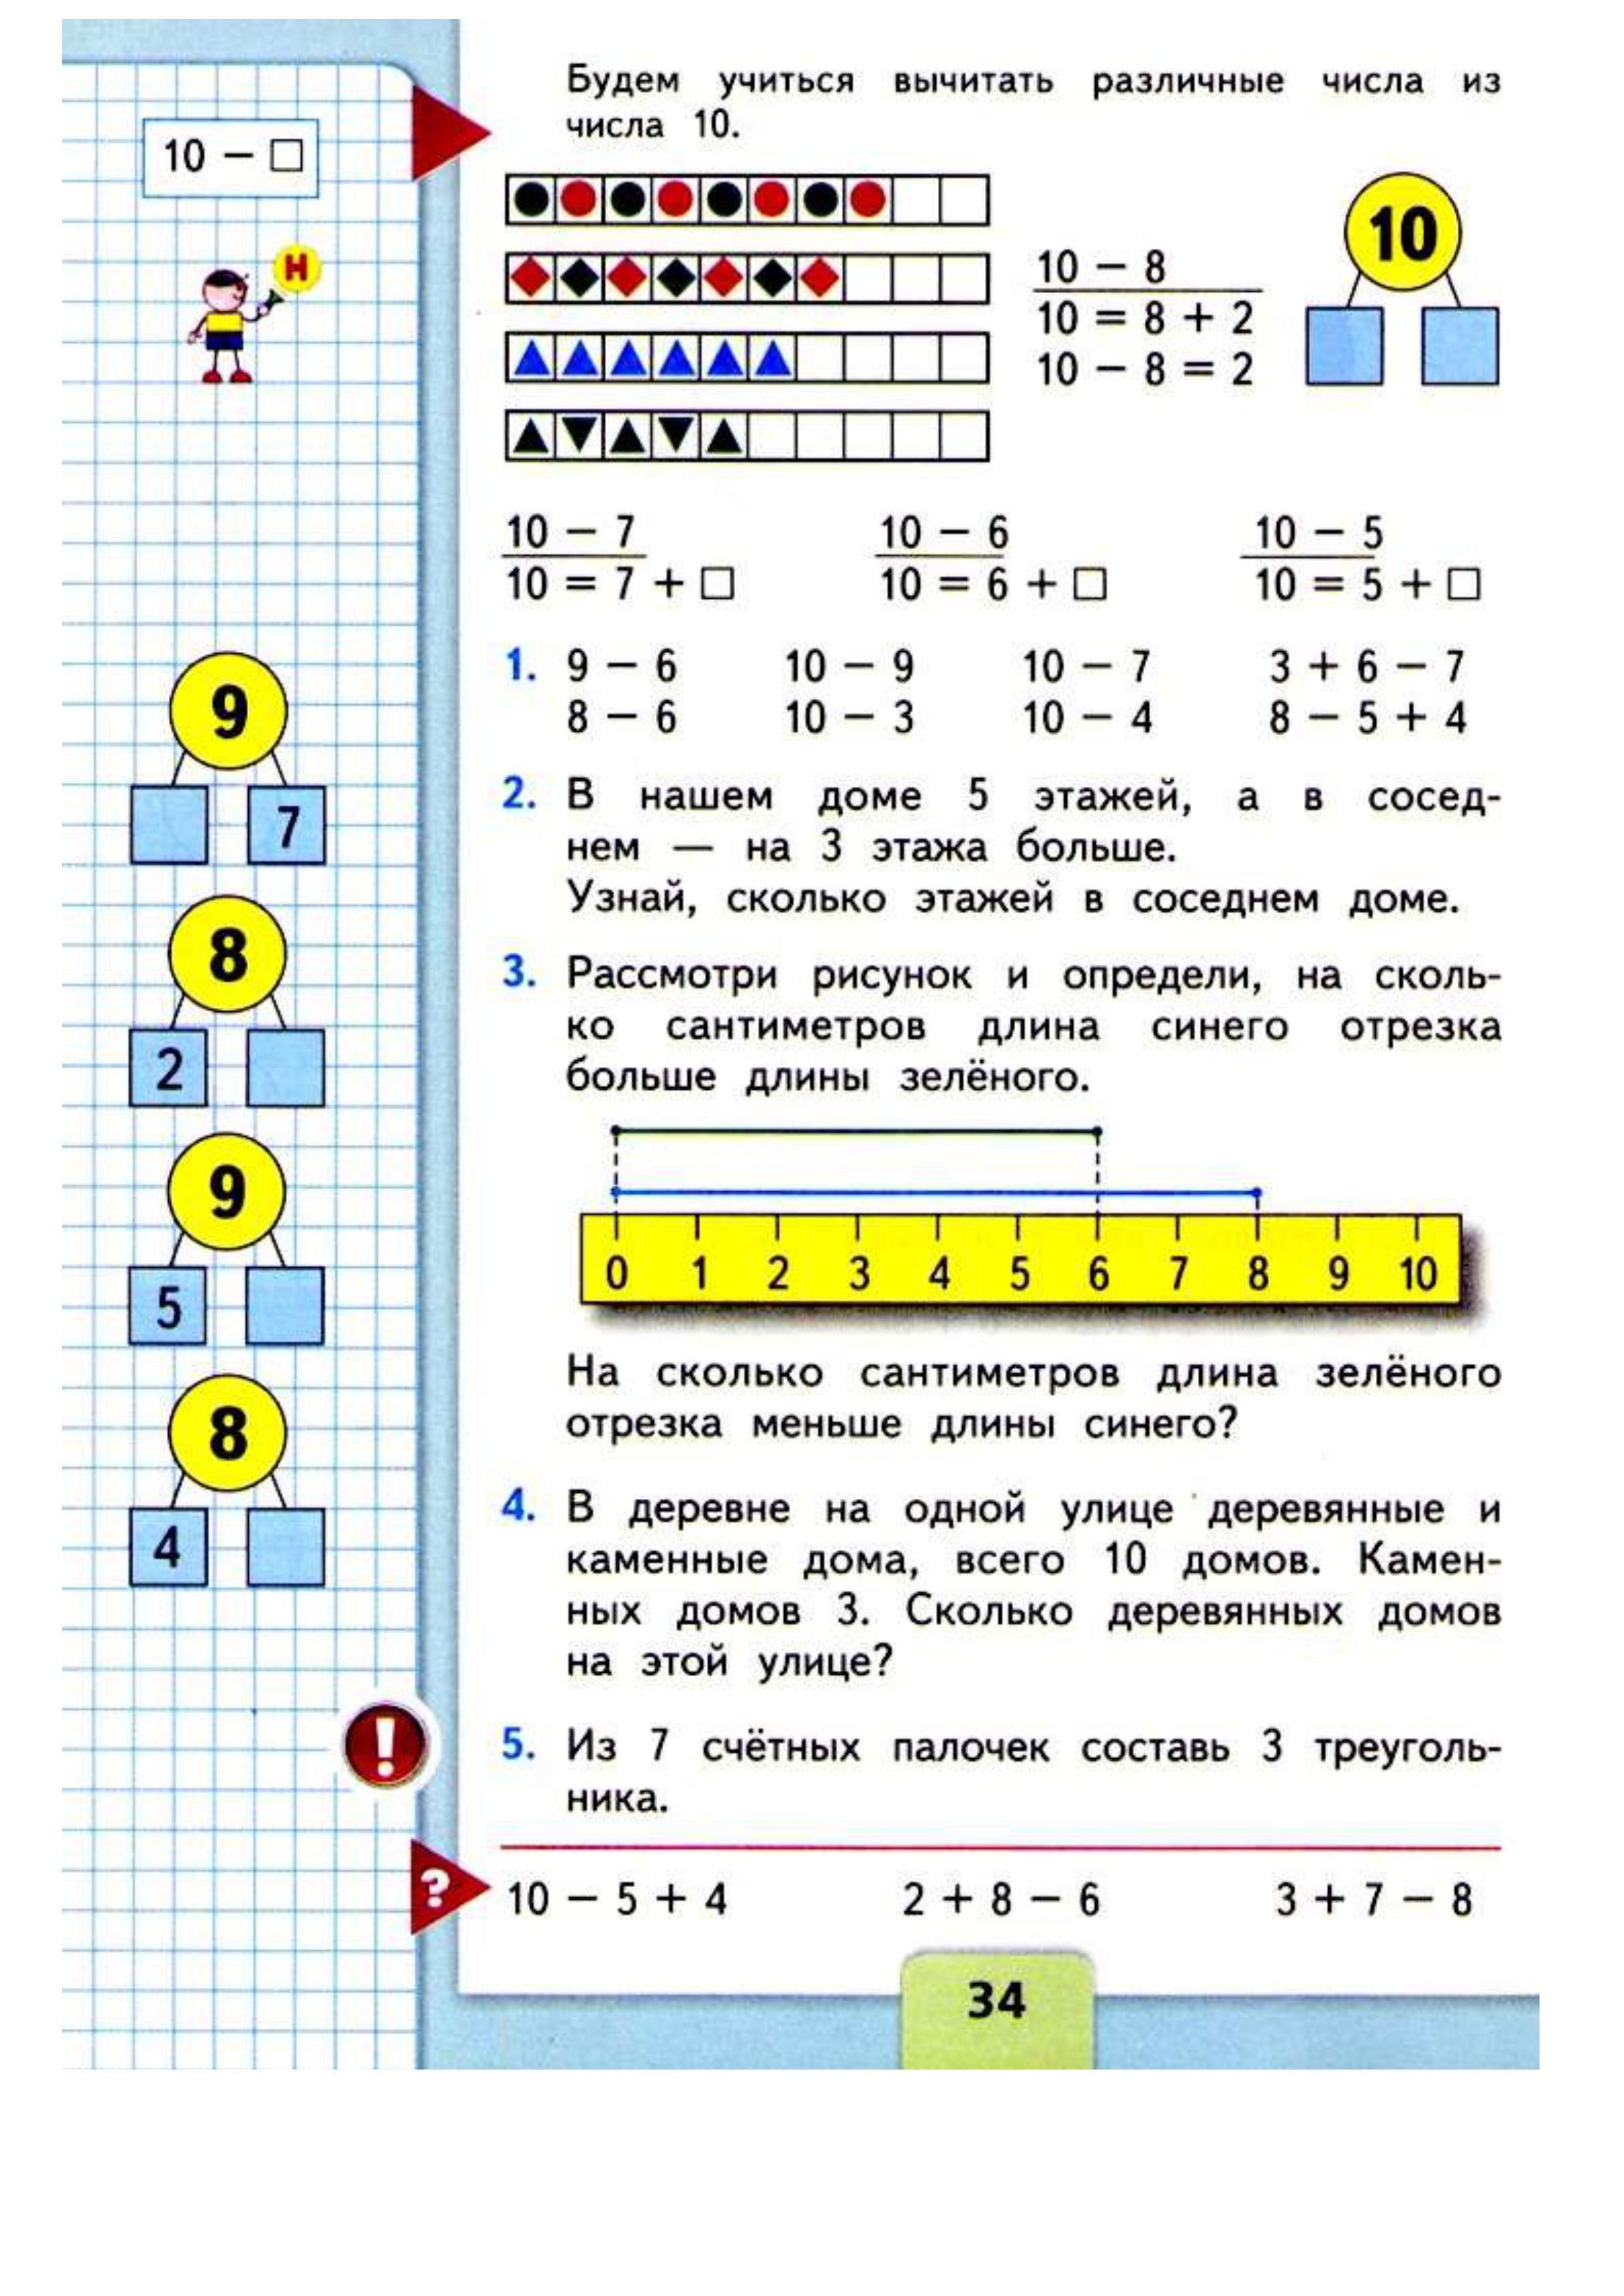 Учебник кремер н.ш высшая математика бесплатно и без регистрации скачать